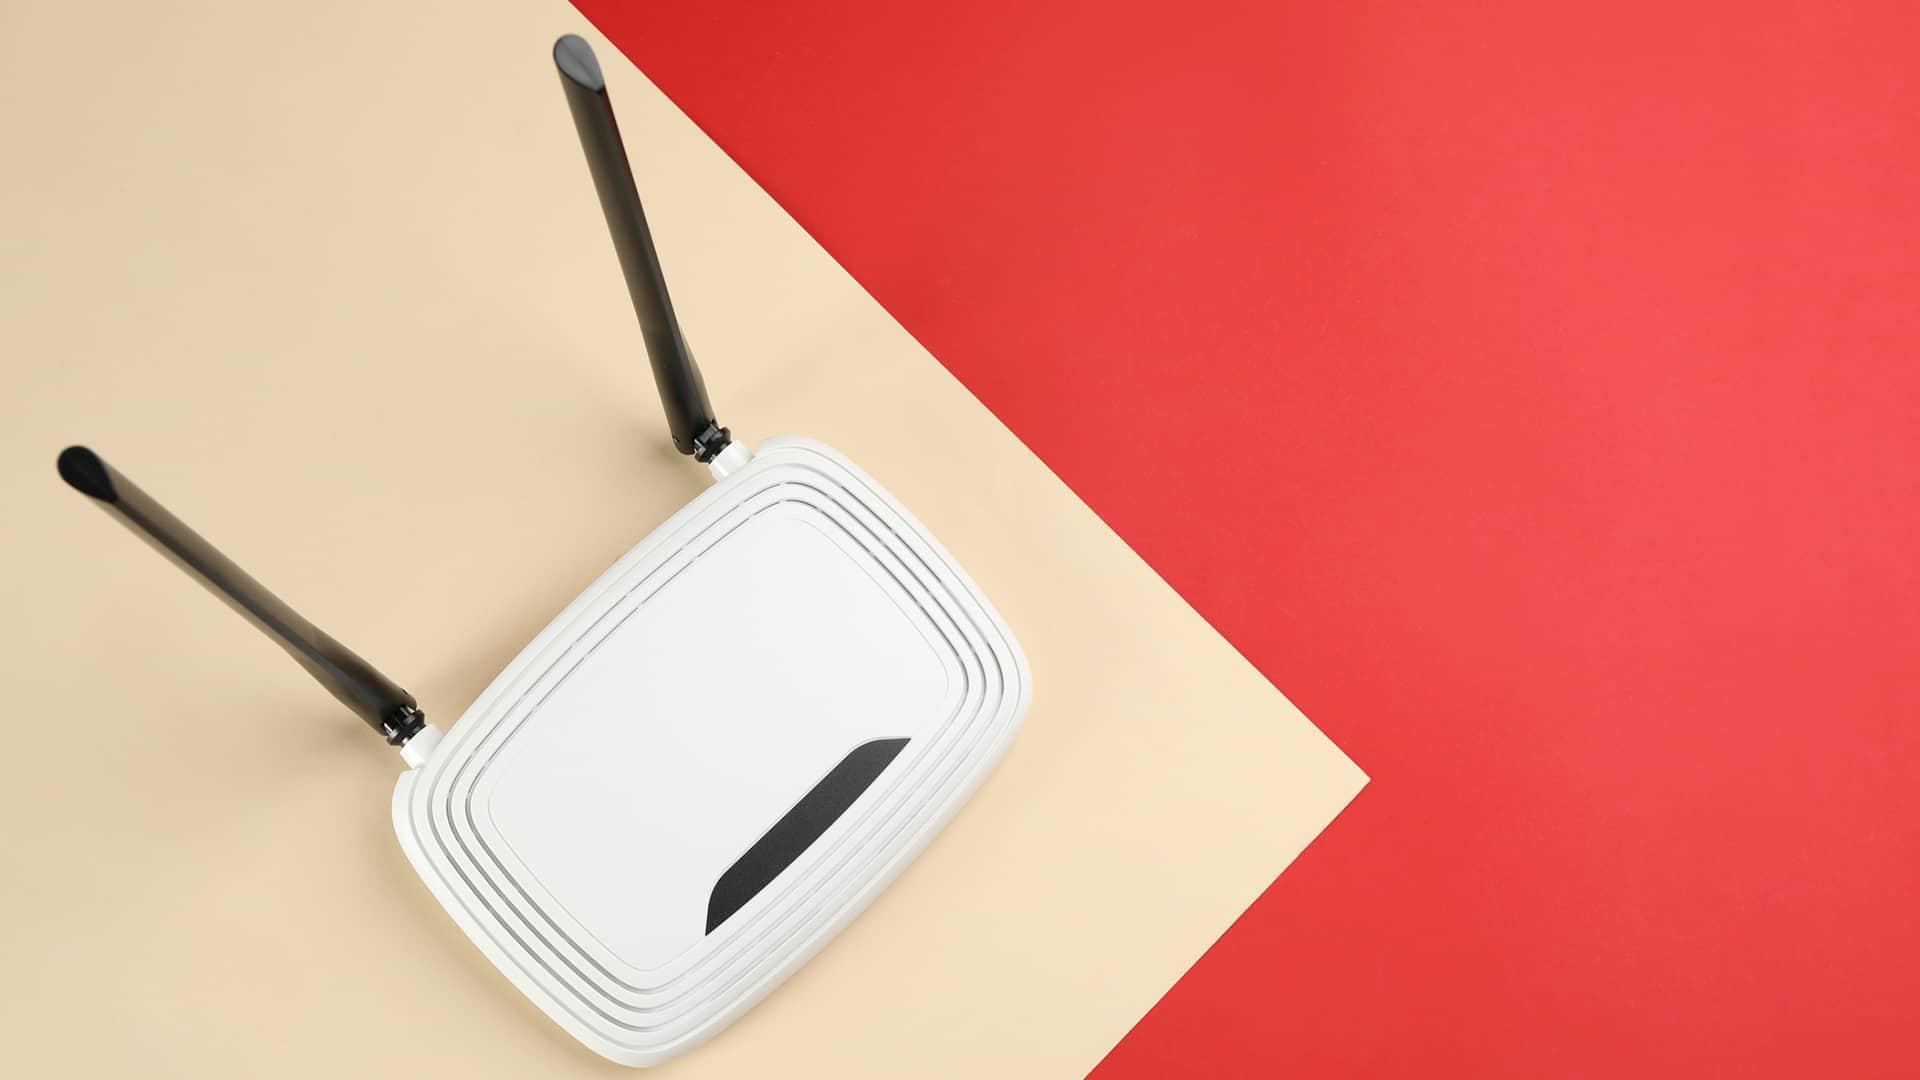 Configurar router Vodafone: pasos a seguir